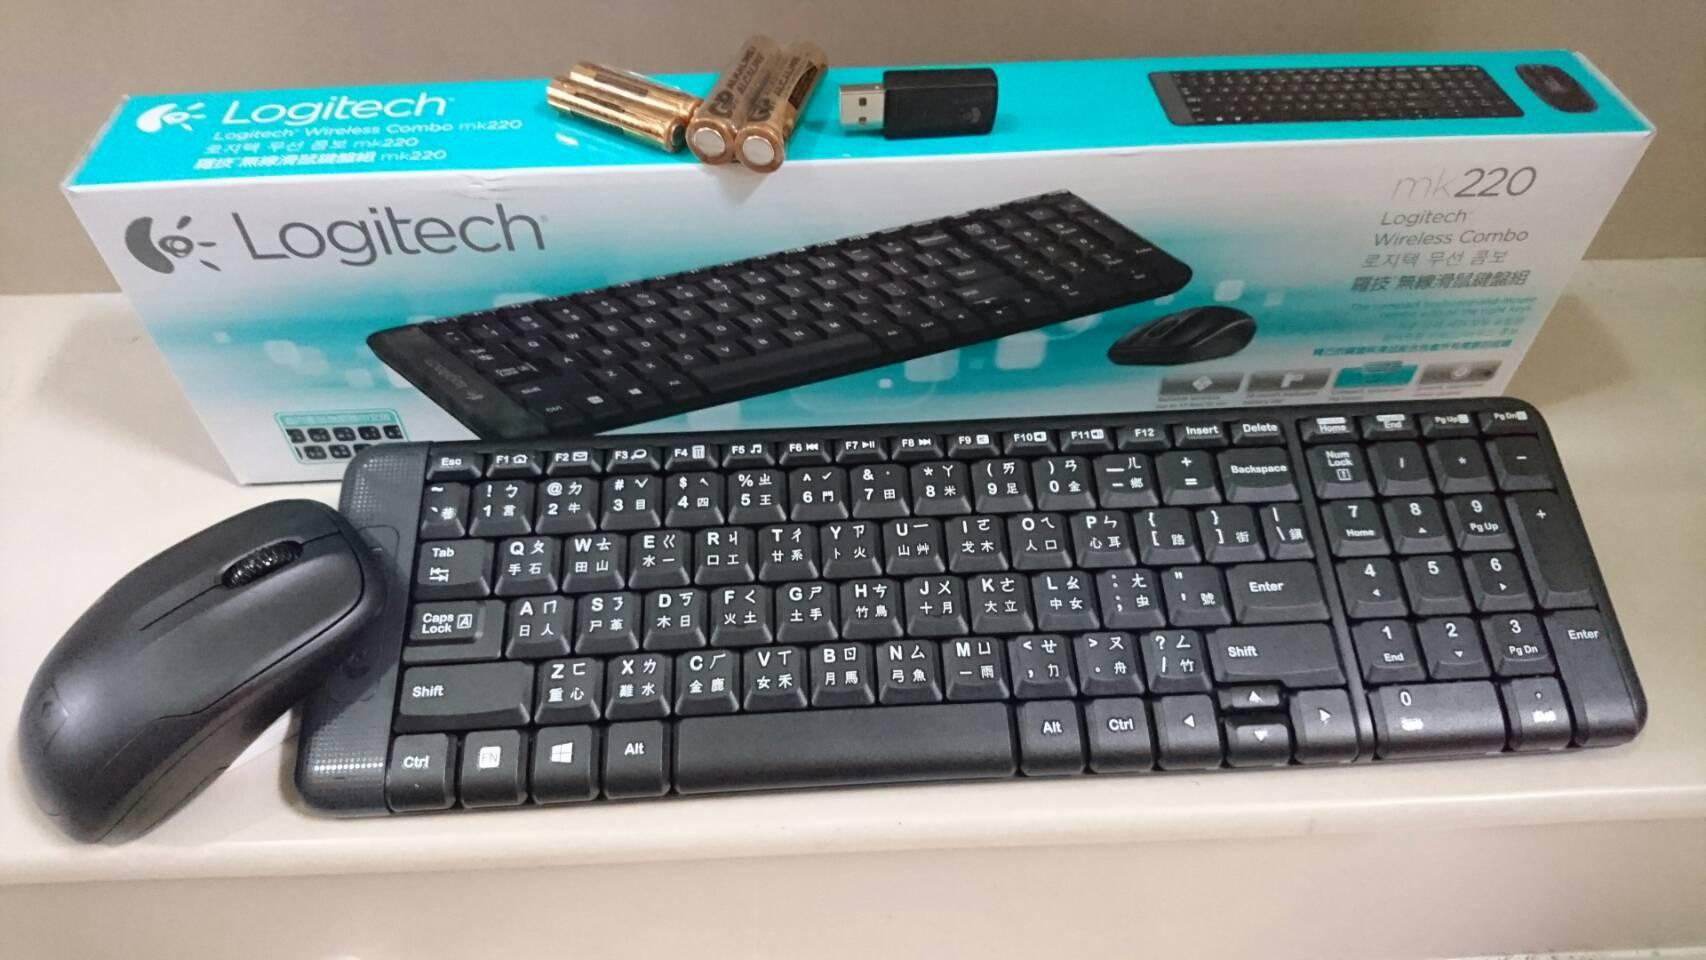 團購價 第一品牌 有注音 mk220 羅技無線鍵盤滑鼠組 電競滑鼠電競鍵盤 桌上型電腦 筆記型電腦 LOL英雄聯盟 6